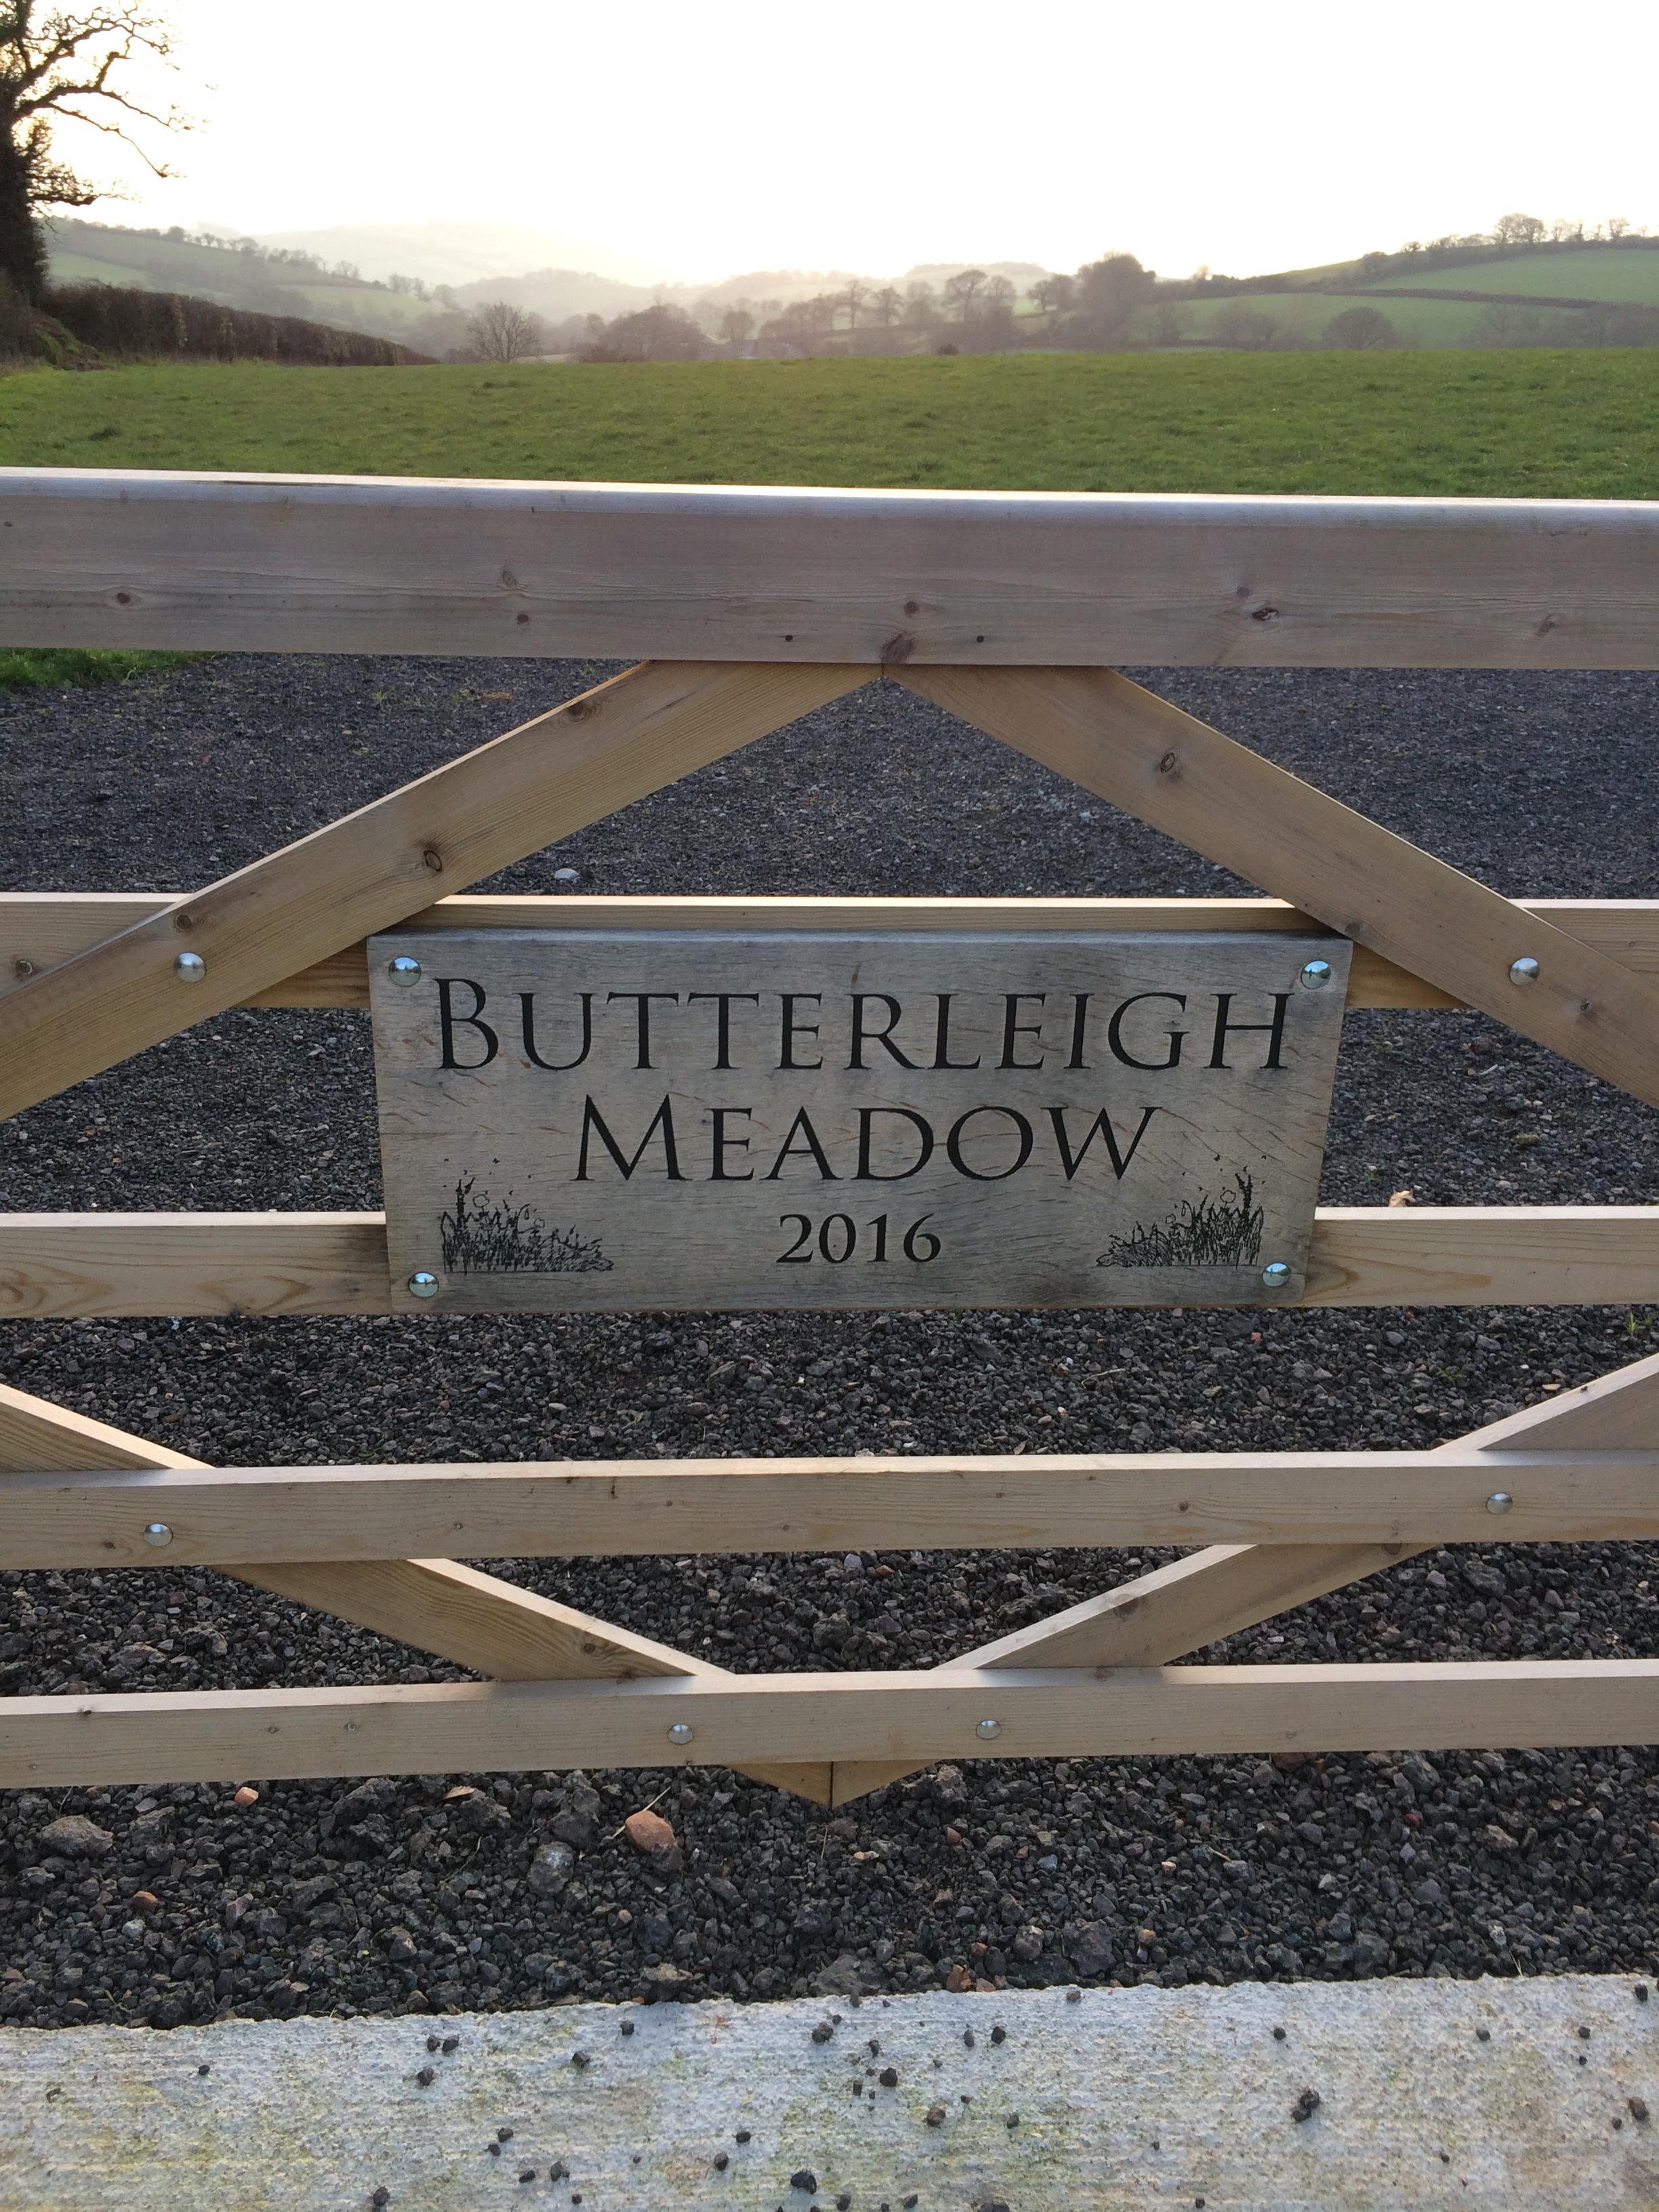 Butterleigh Meadow